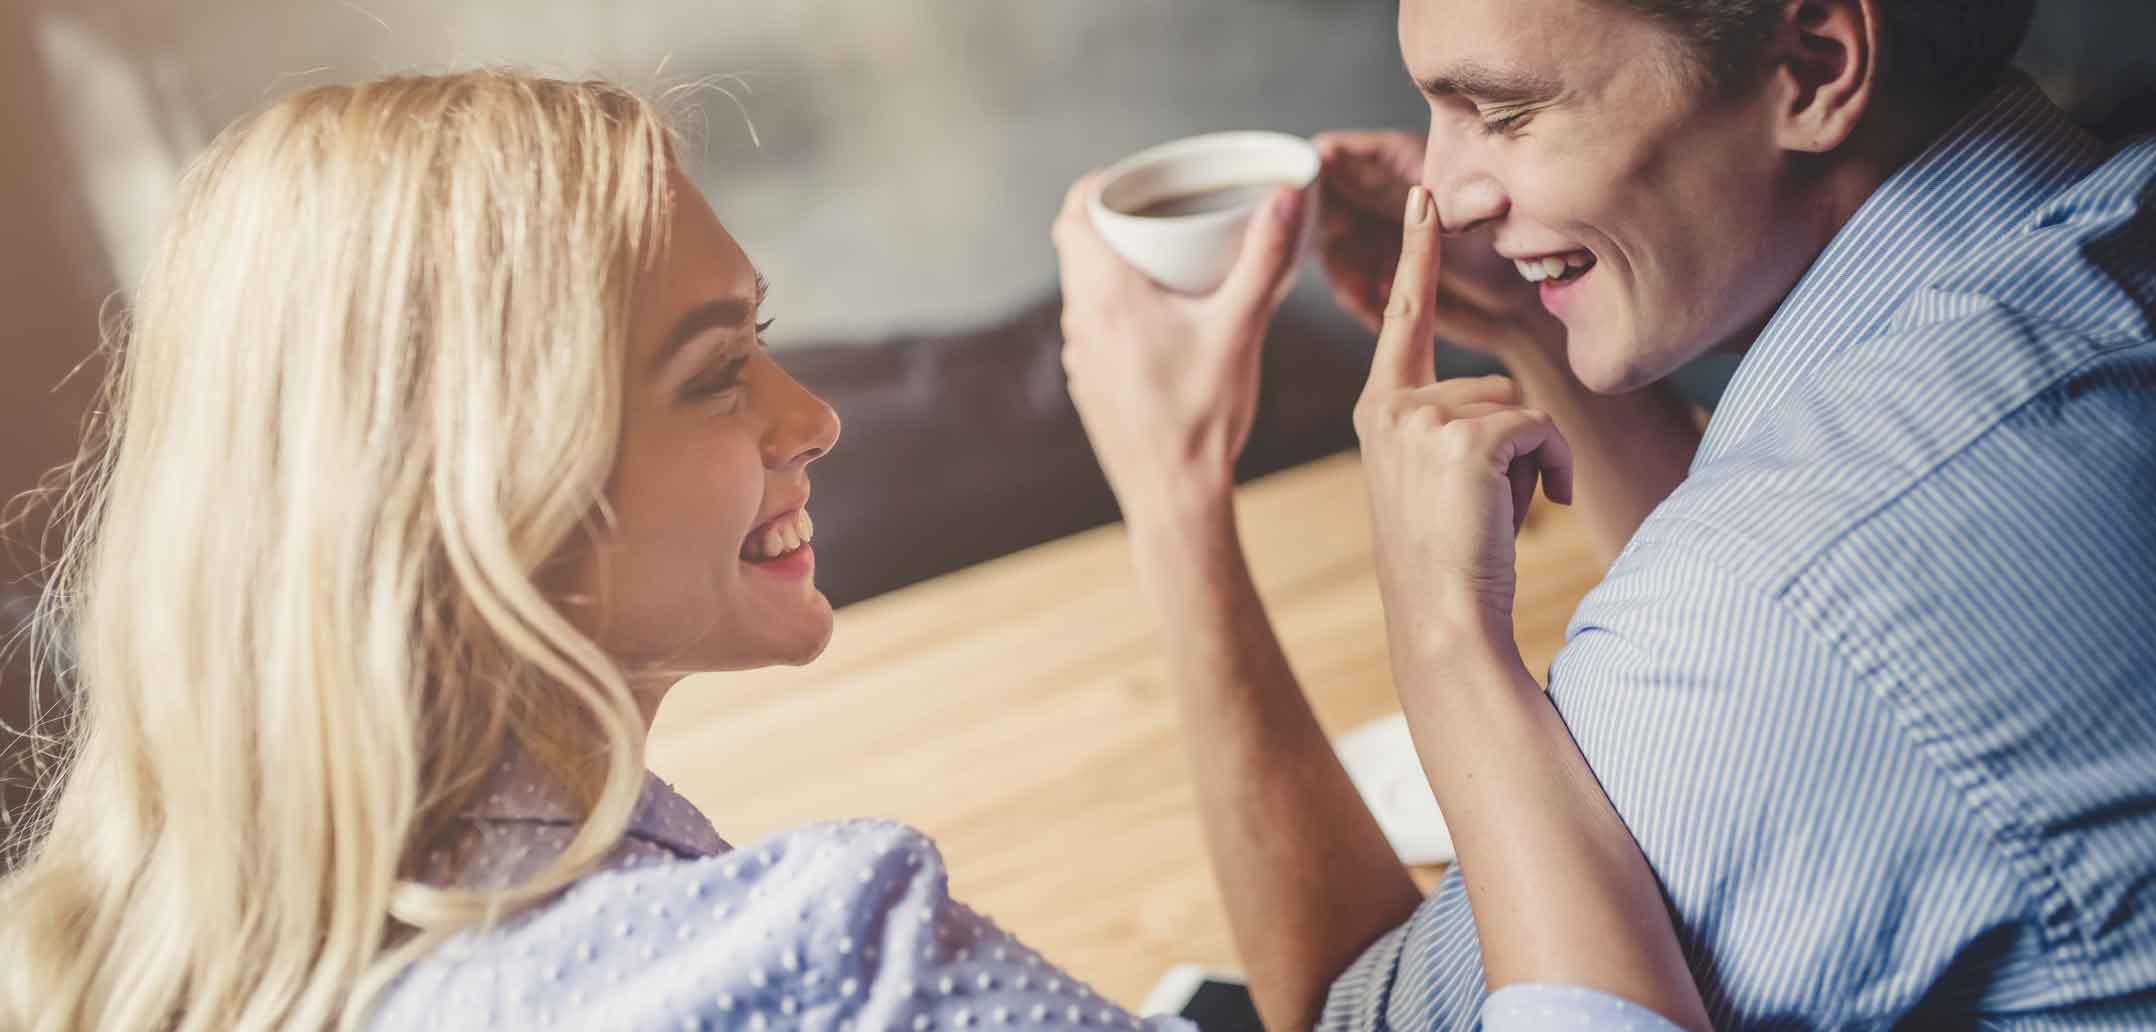 Was wäre das perfekte erste Date?